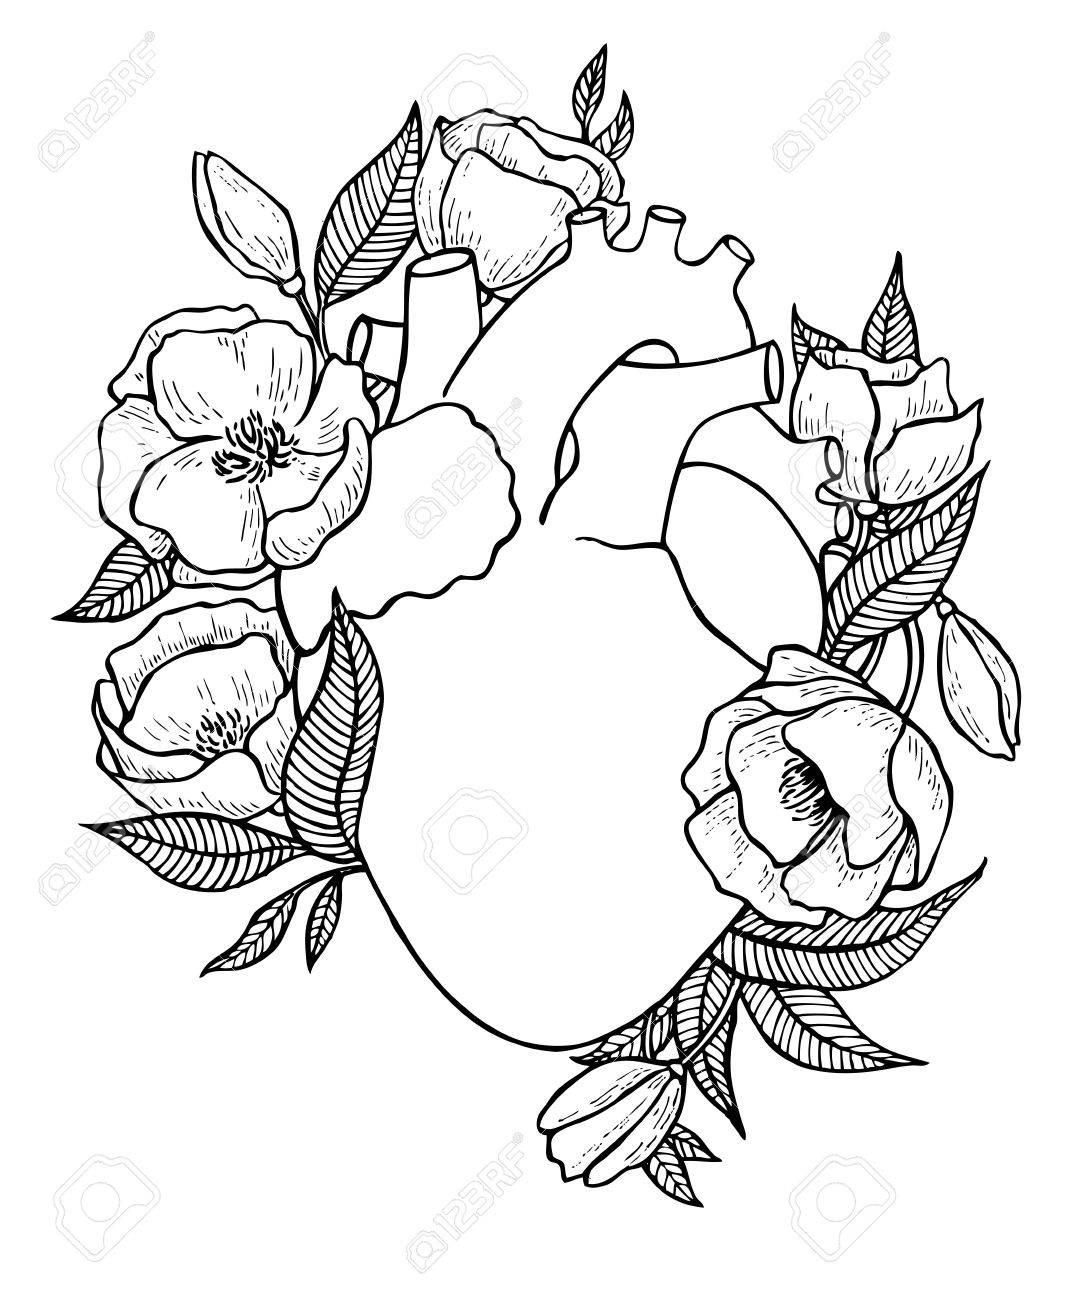 Ilustración Del Corazón Humano Con Flores. Grande Para La Tarjeta De ...